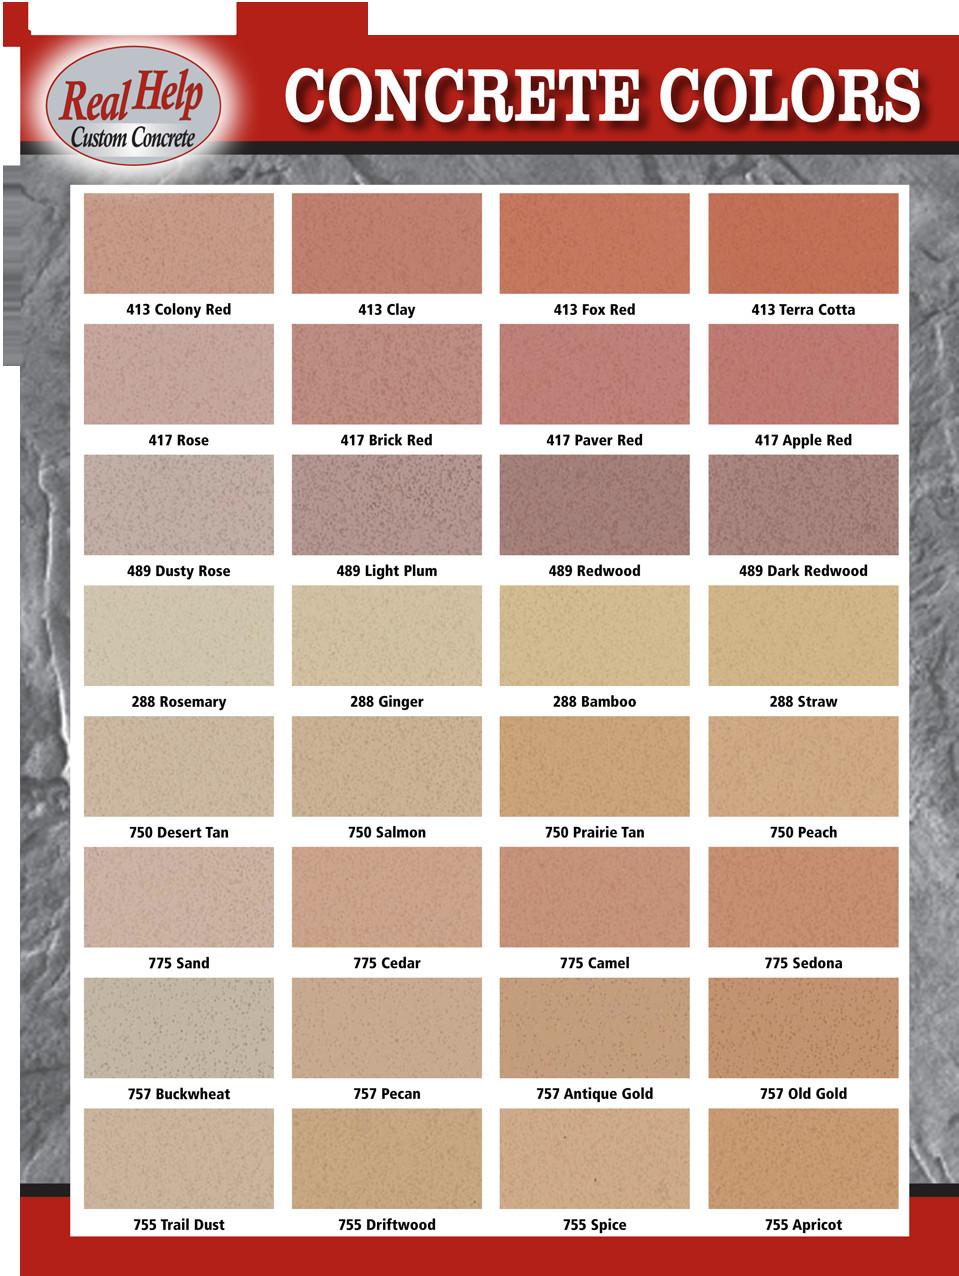 Best ideas about Concrete Paint Colors . Save or Pin Concrete Colors Now.